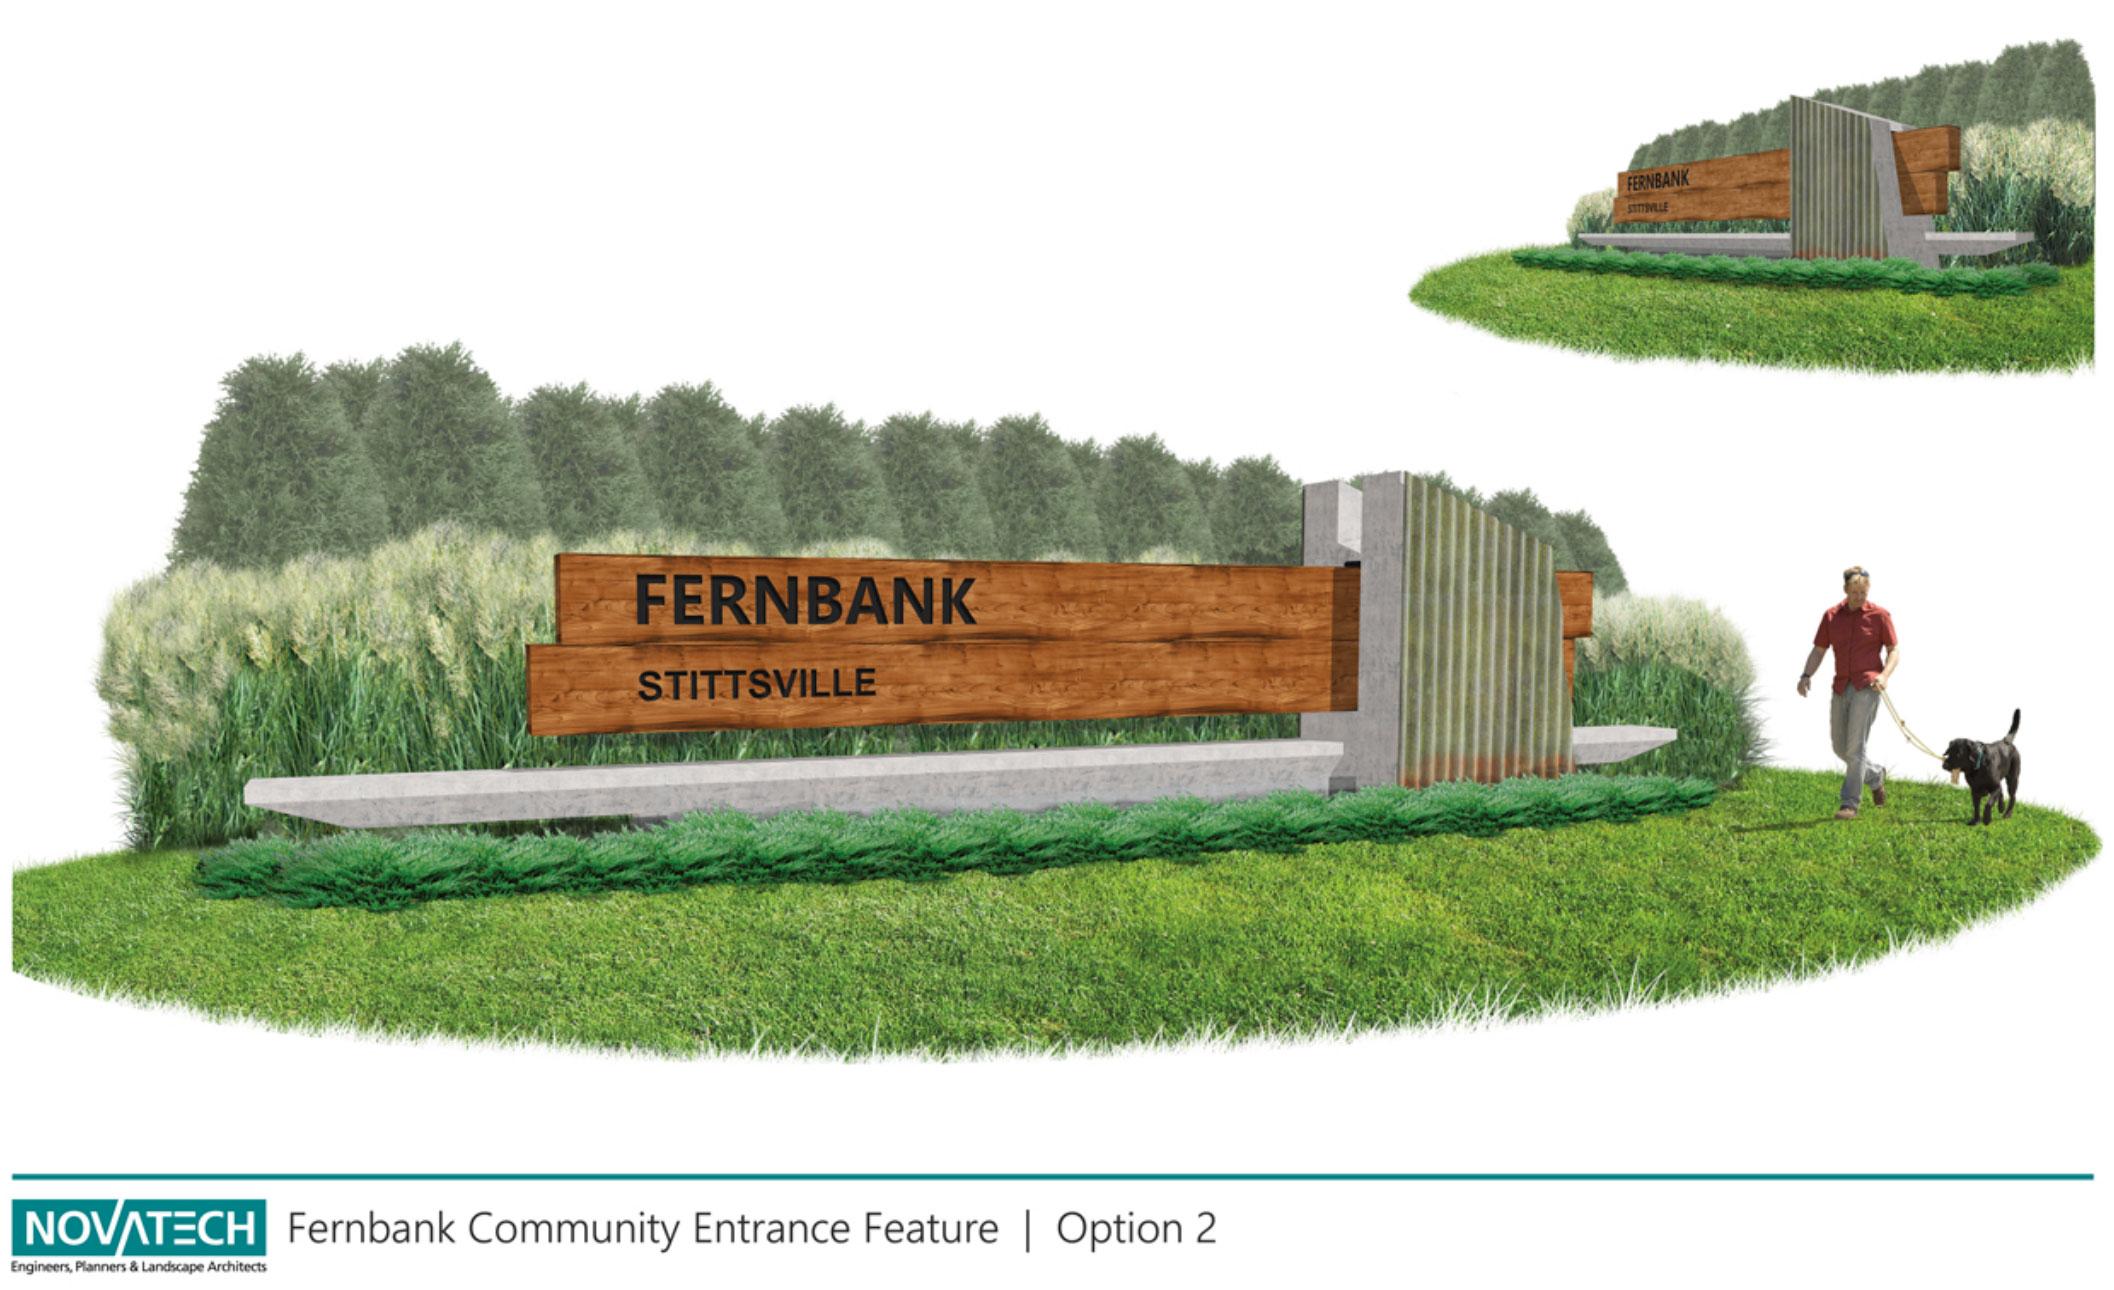 Fernbank community entrance feature option